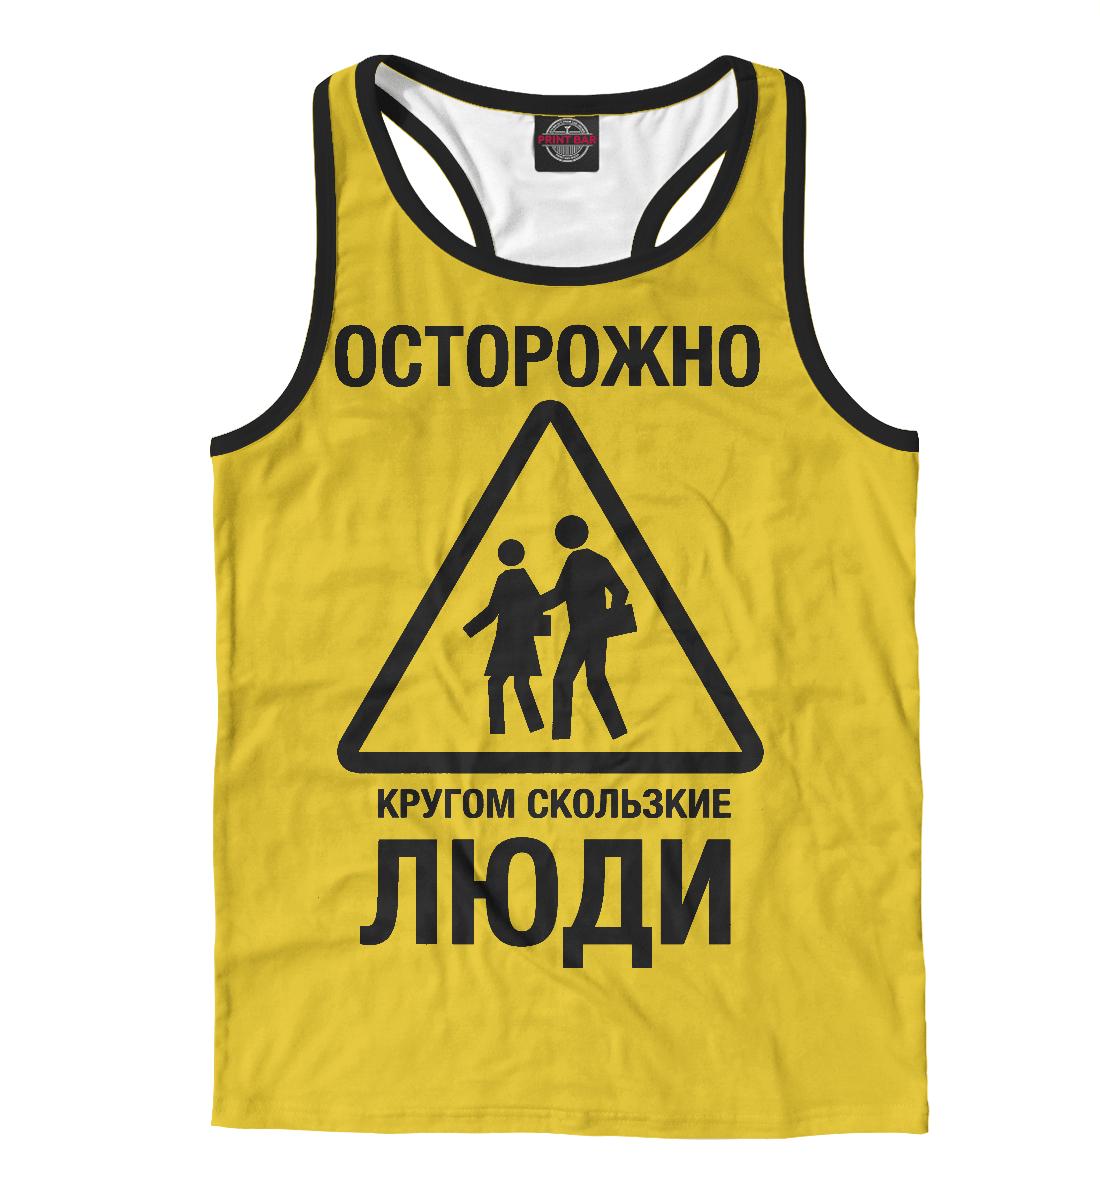 Купить Скользкие Люди, Printbar, Майки борцовки, NDP-556859-mayb-2